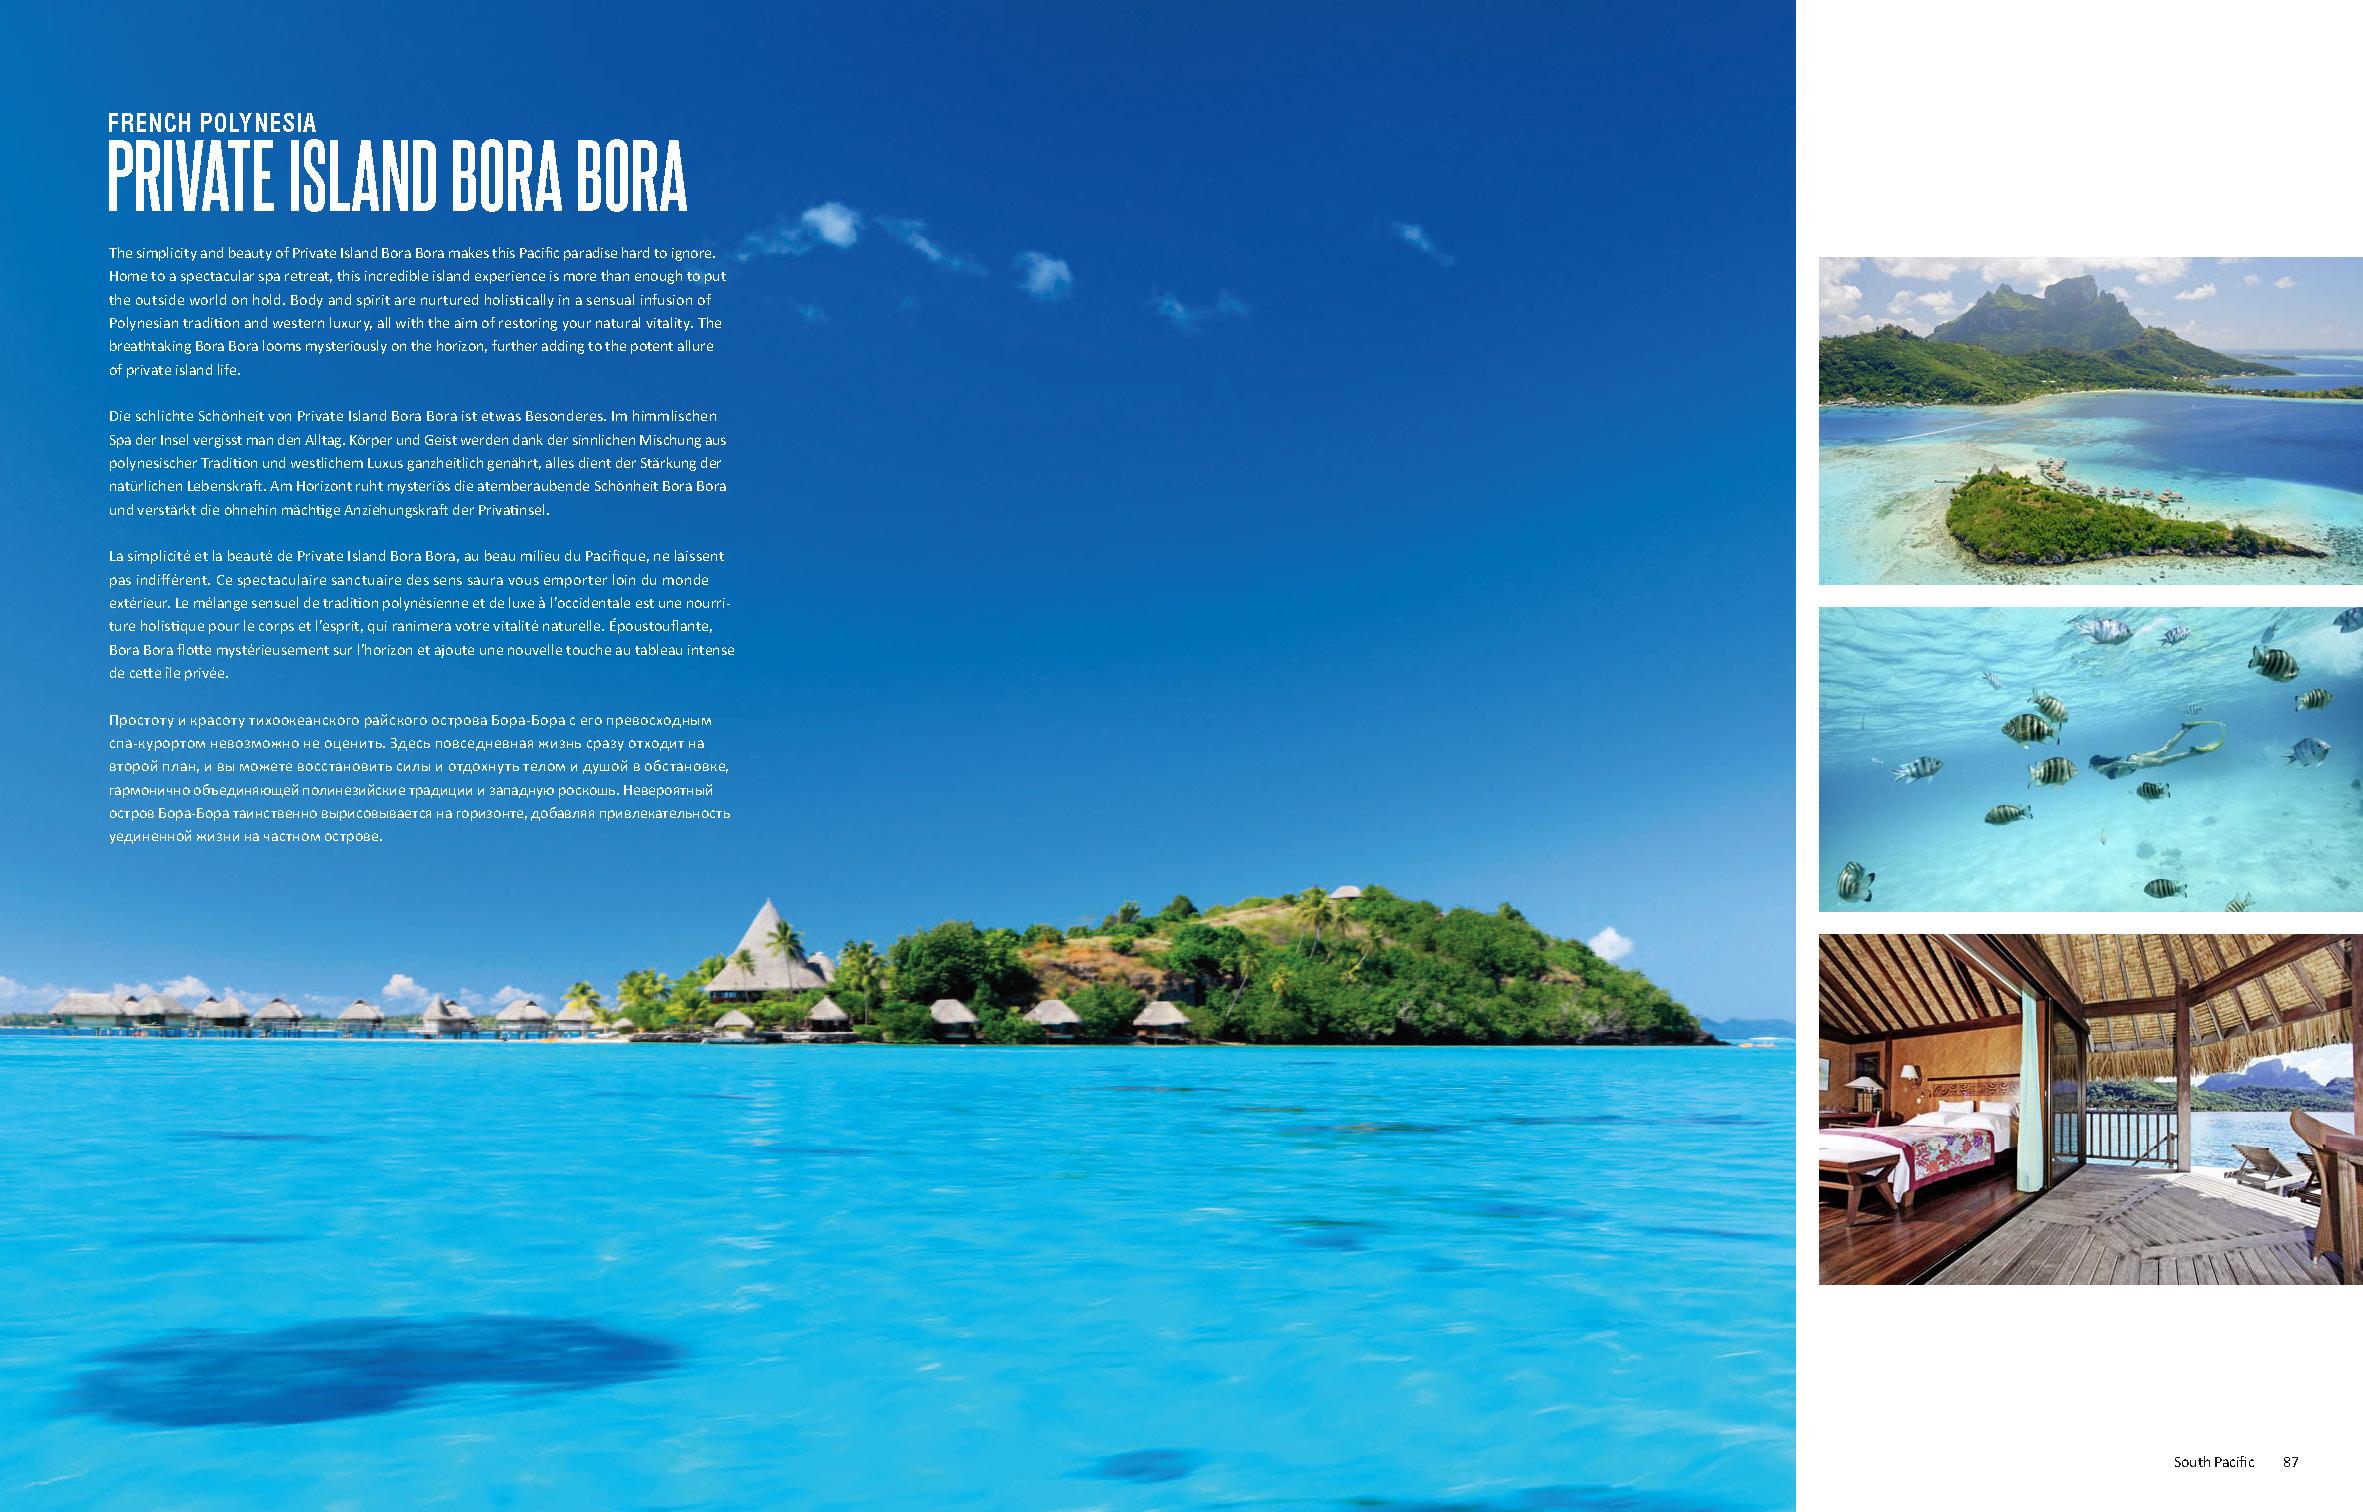 French Polynesia Private Island Bora